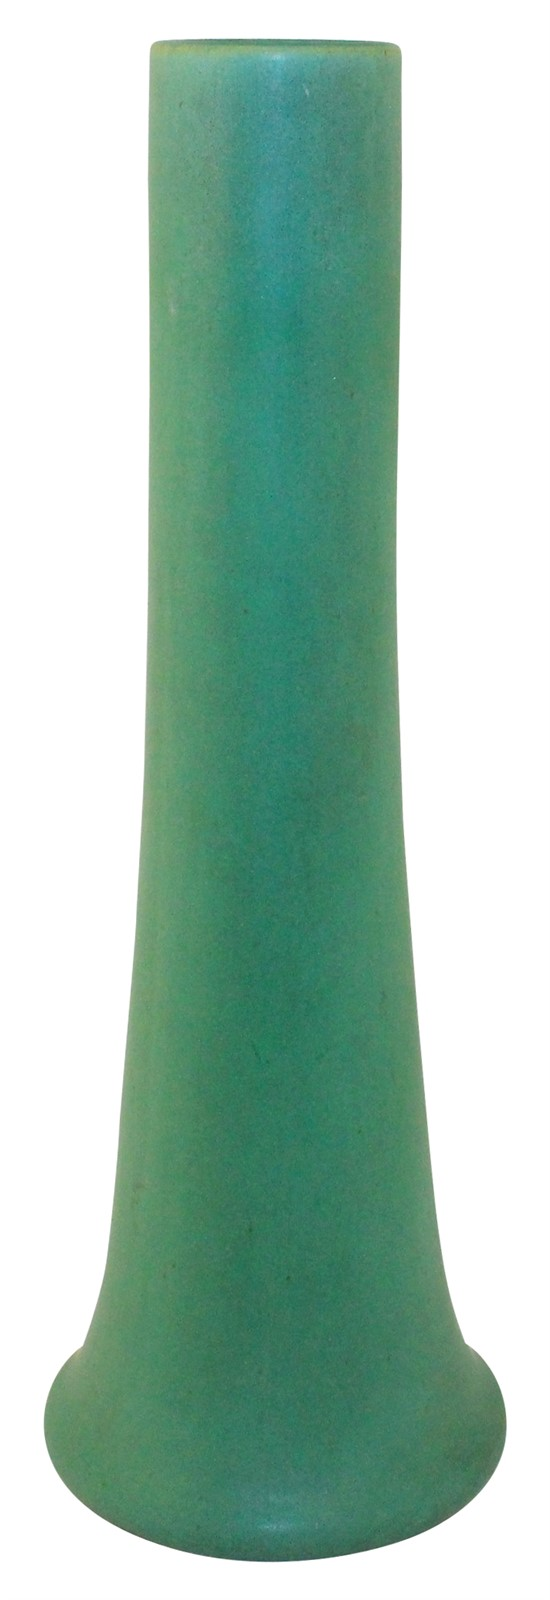 Teco Pottery Matte Green Vase (Shape 123)